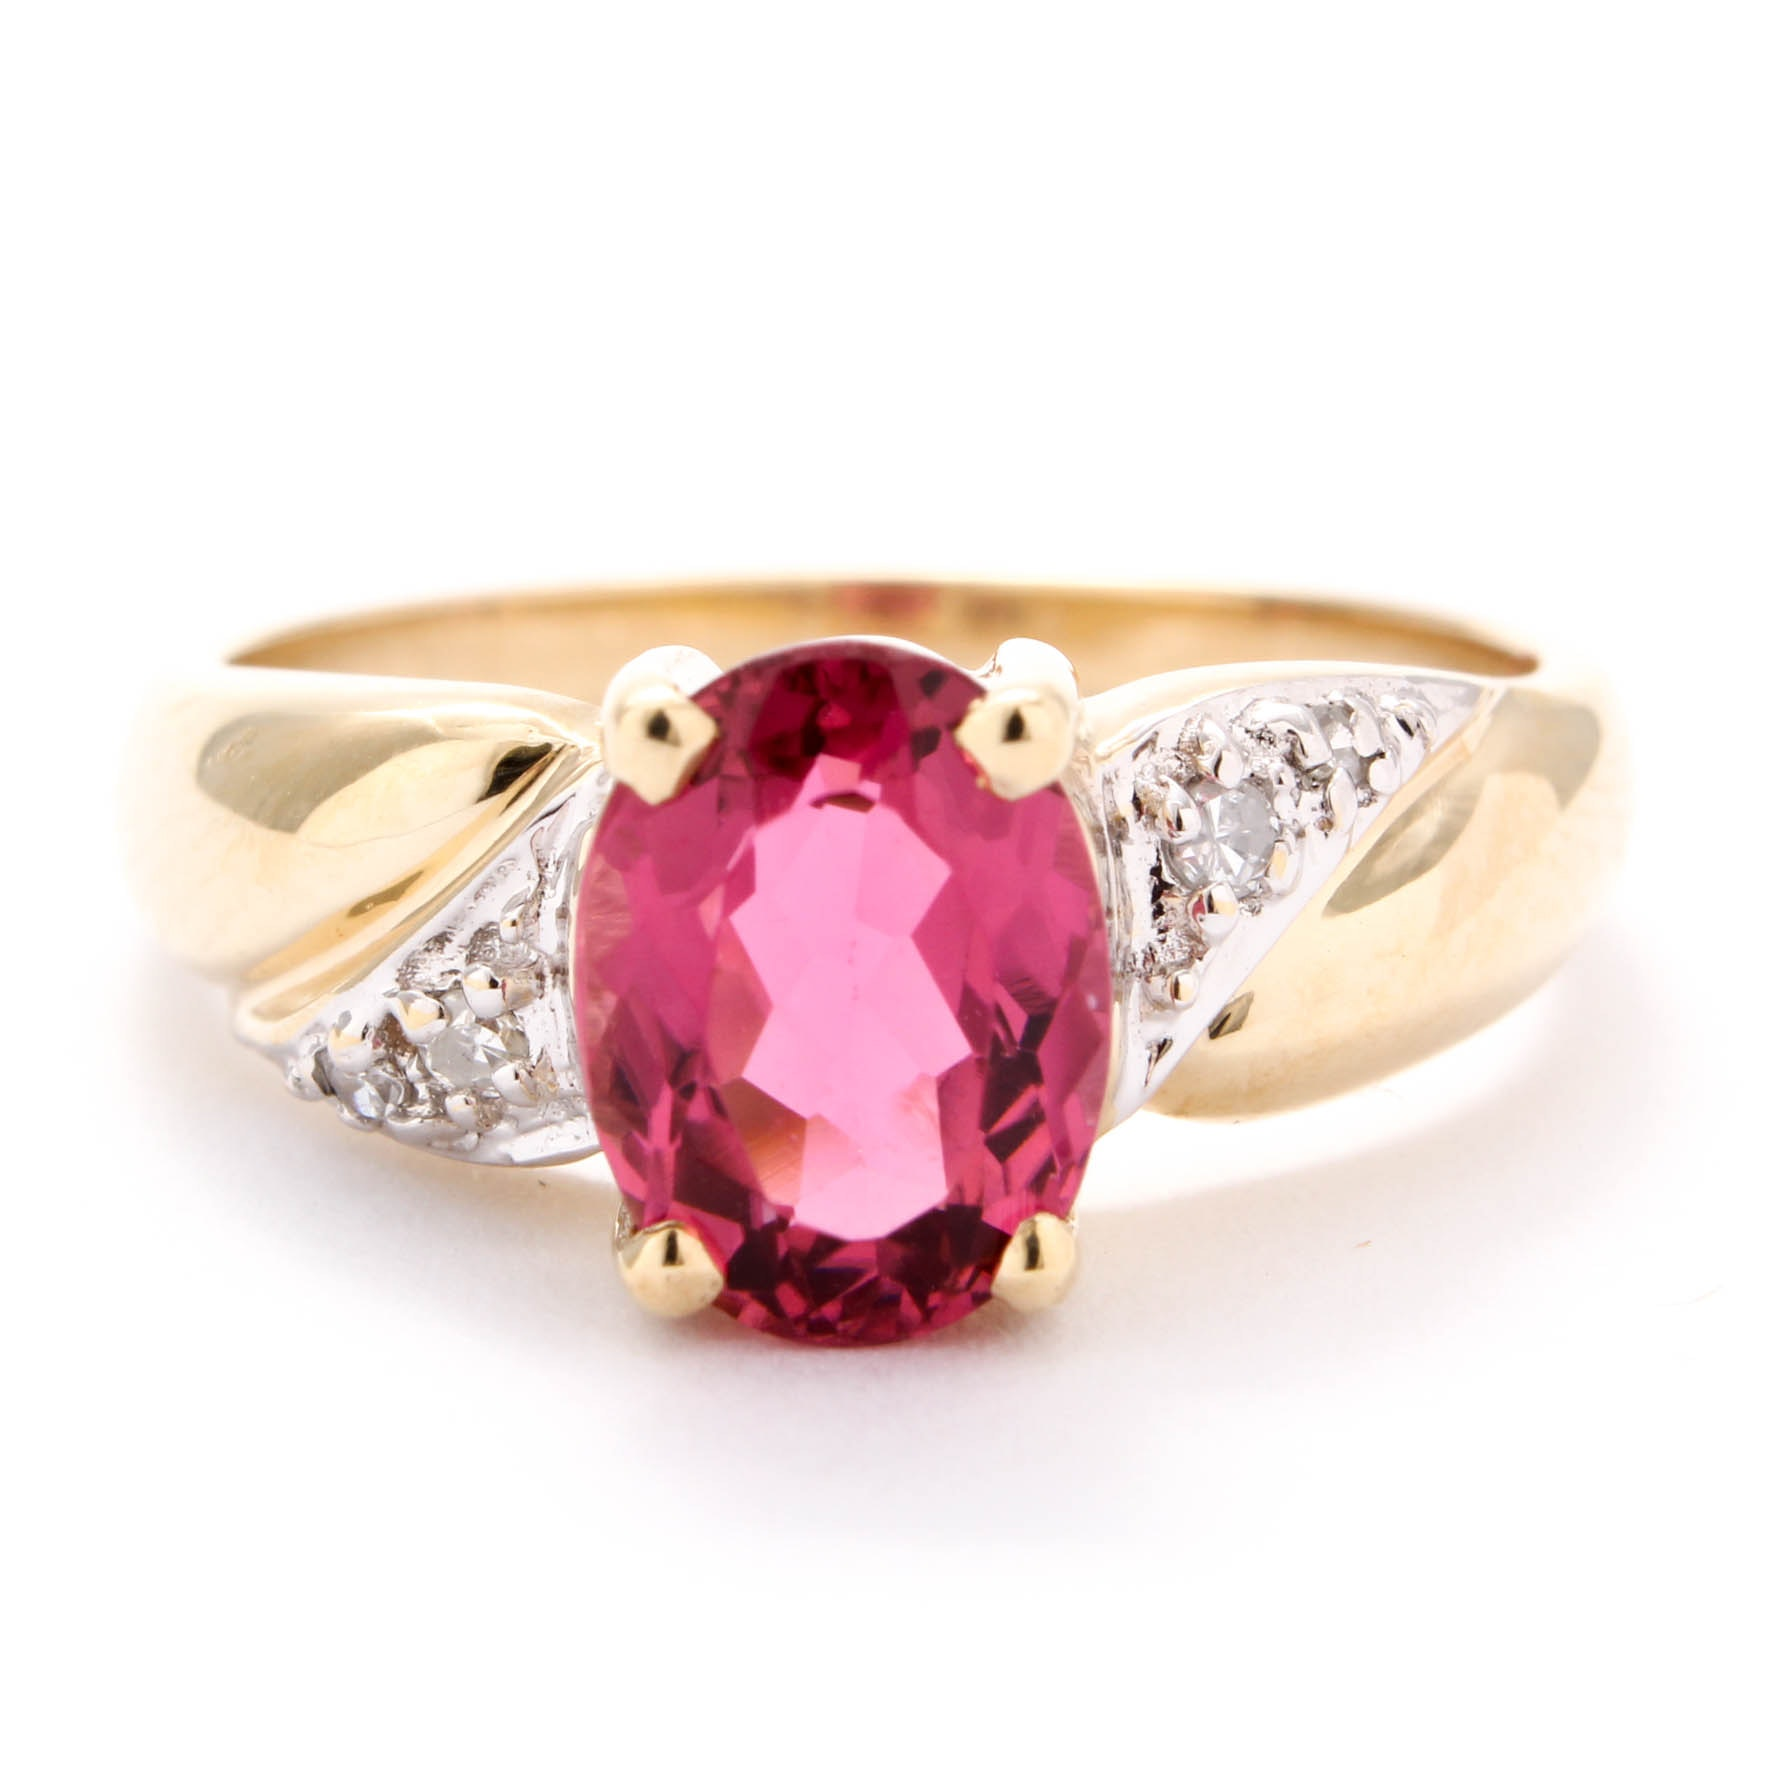 10K Yellow Gold Pink Tourmaline and Diamond Ring